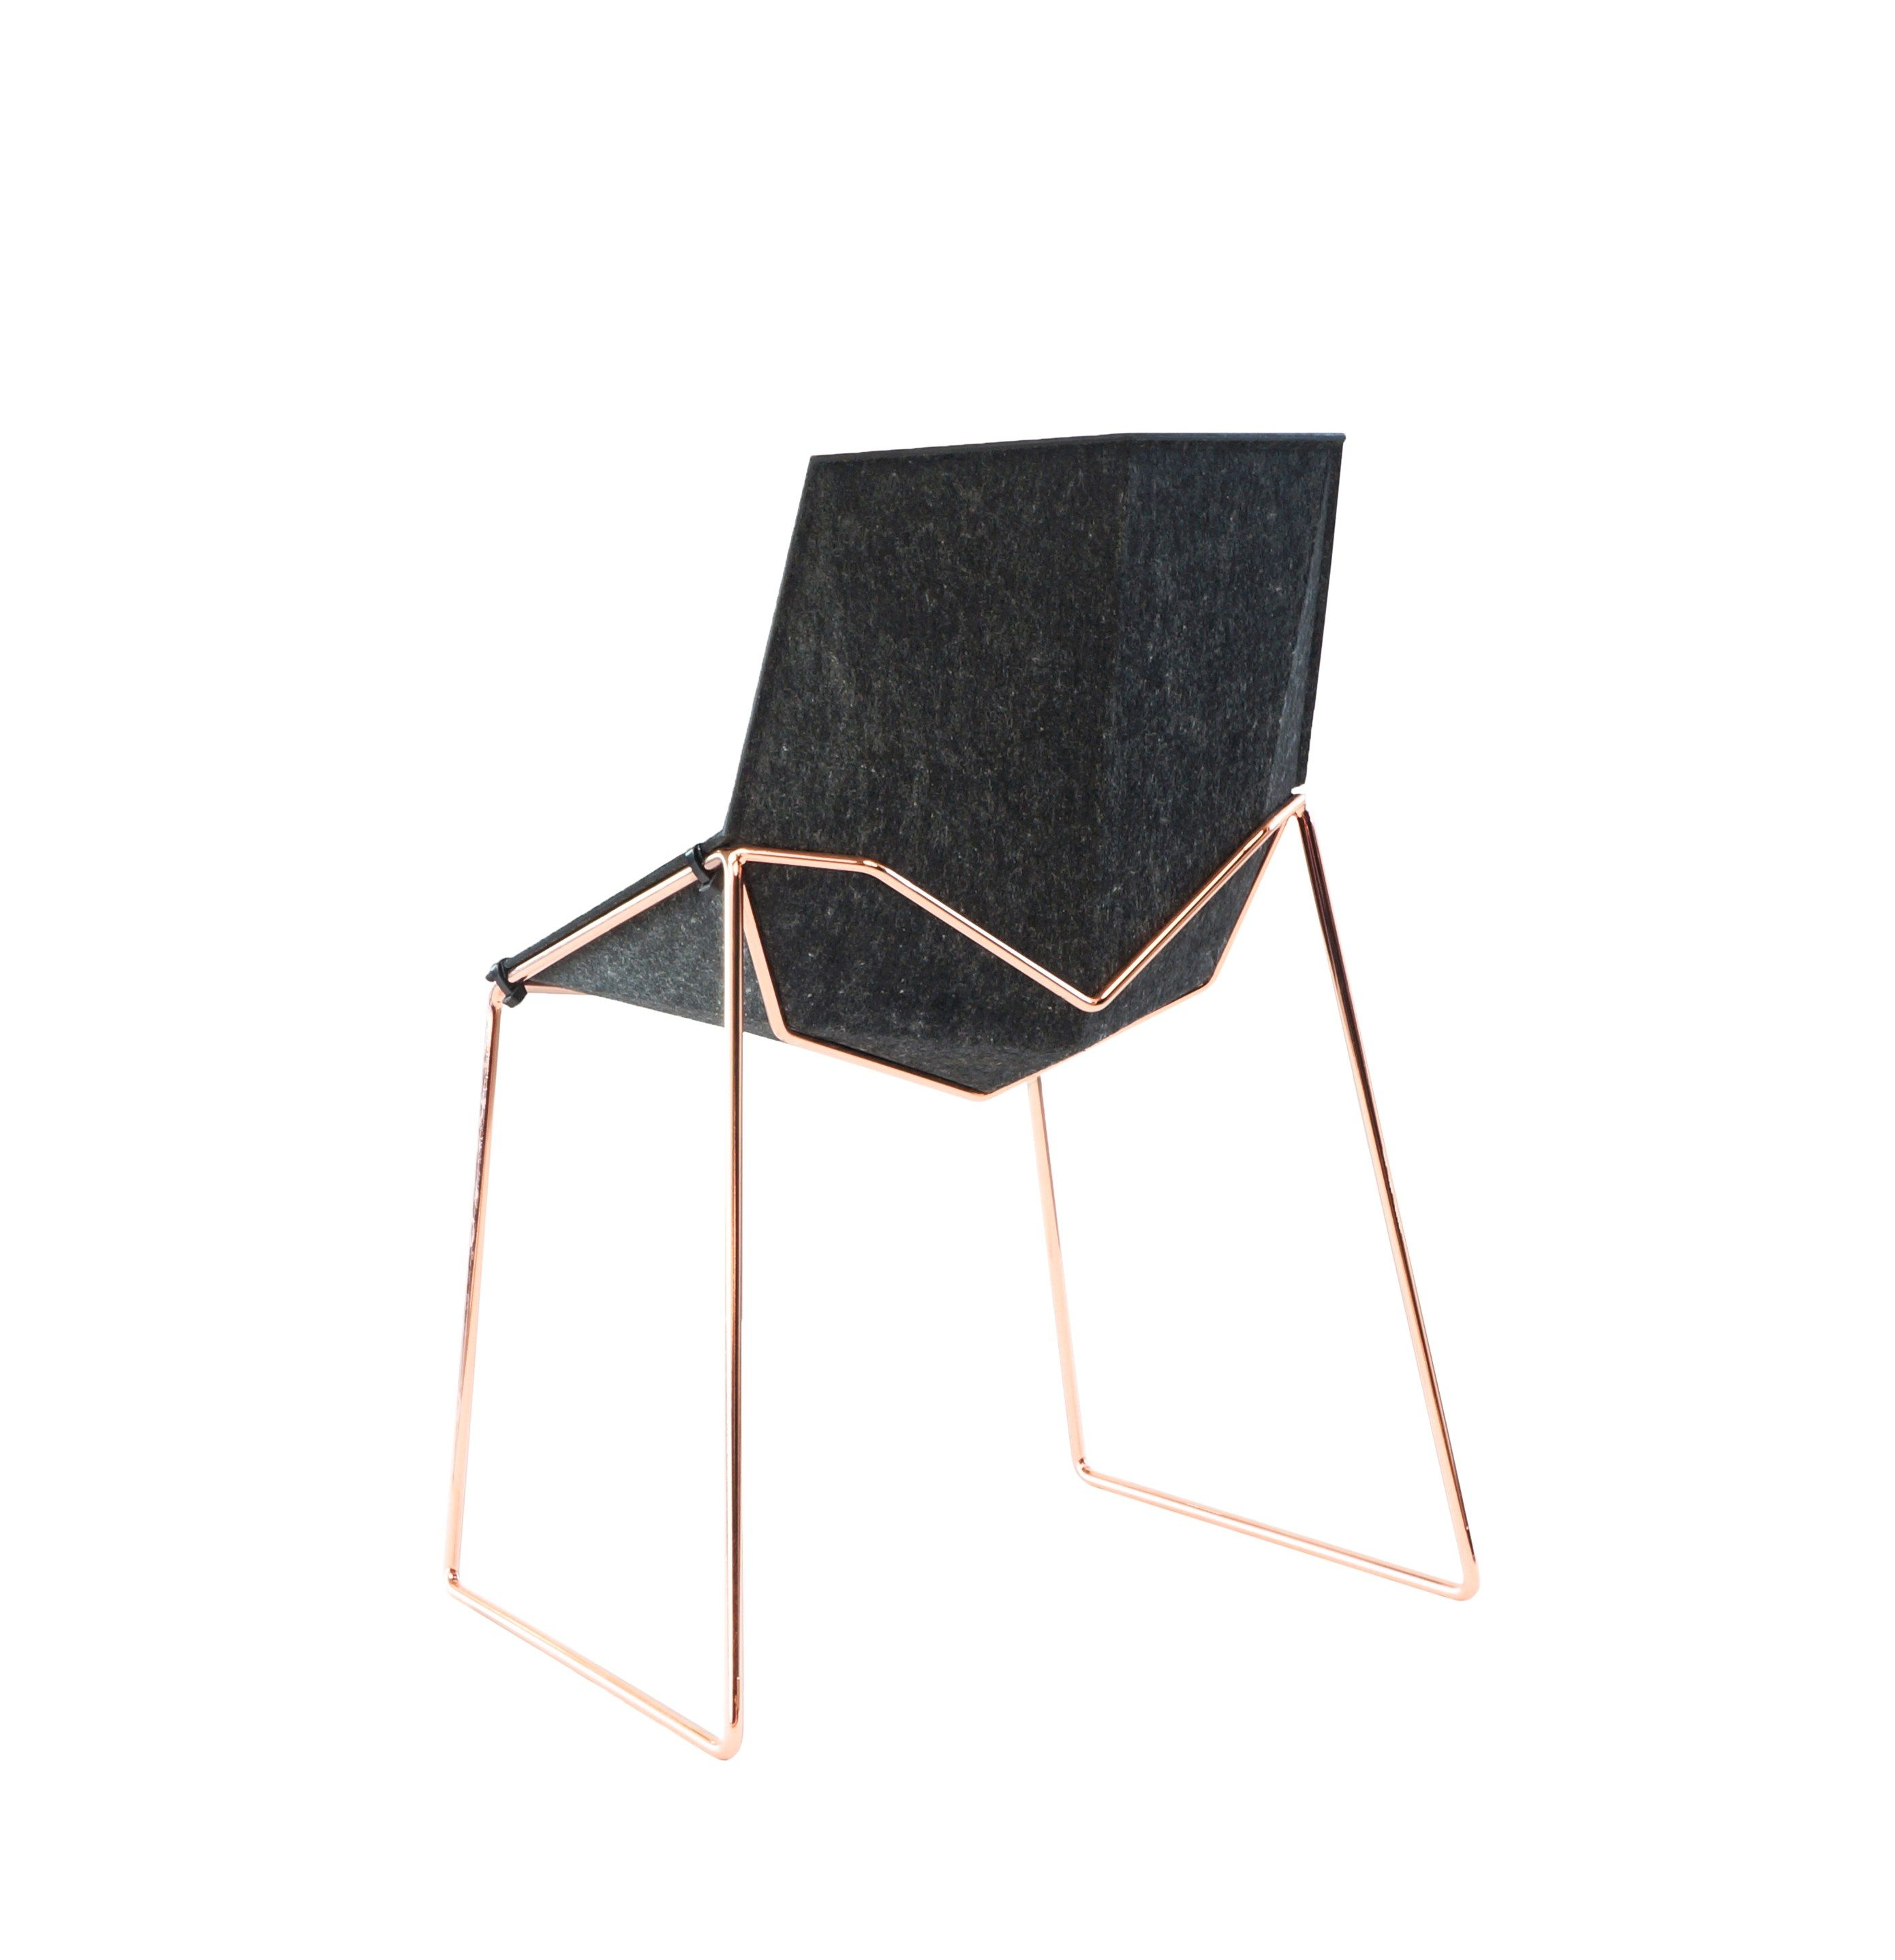 Sedia in feltro riciclato NICO LESS by DONAR design Primož Jeza